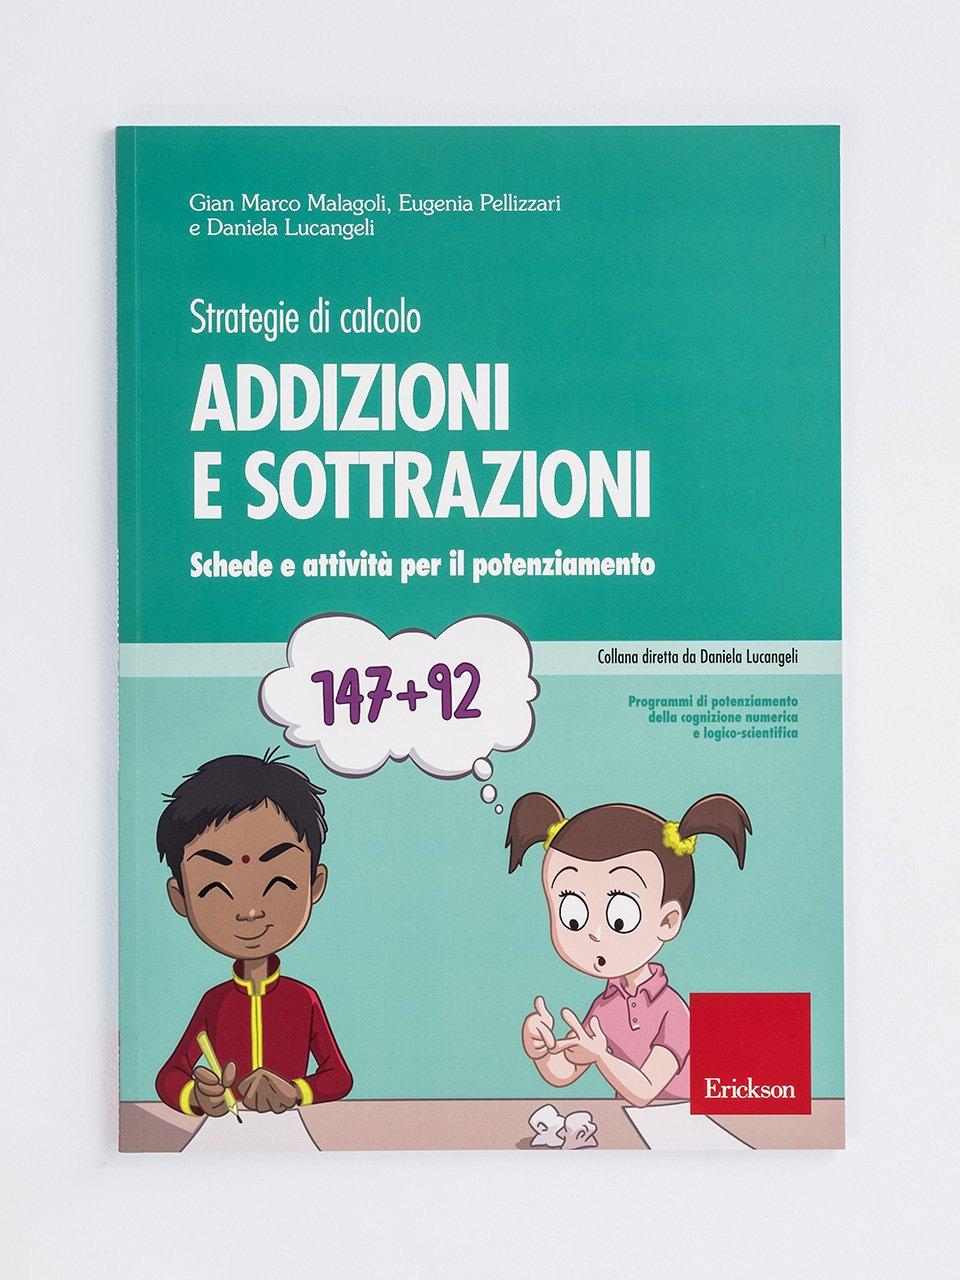 Addizioni e sottrazioni - Strategie di calcolo - Daniela Lucangeli - Erickson